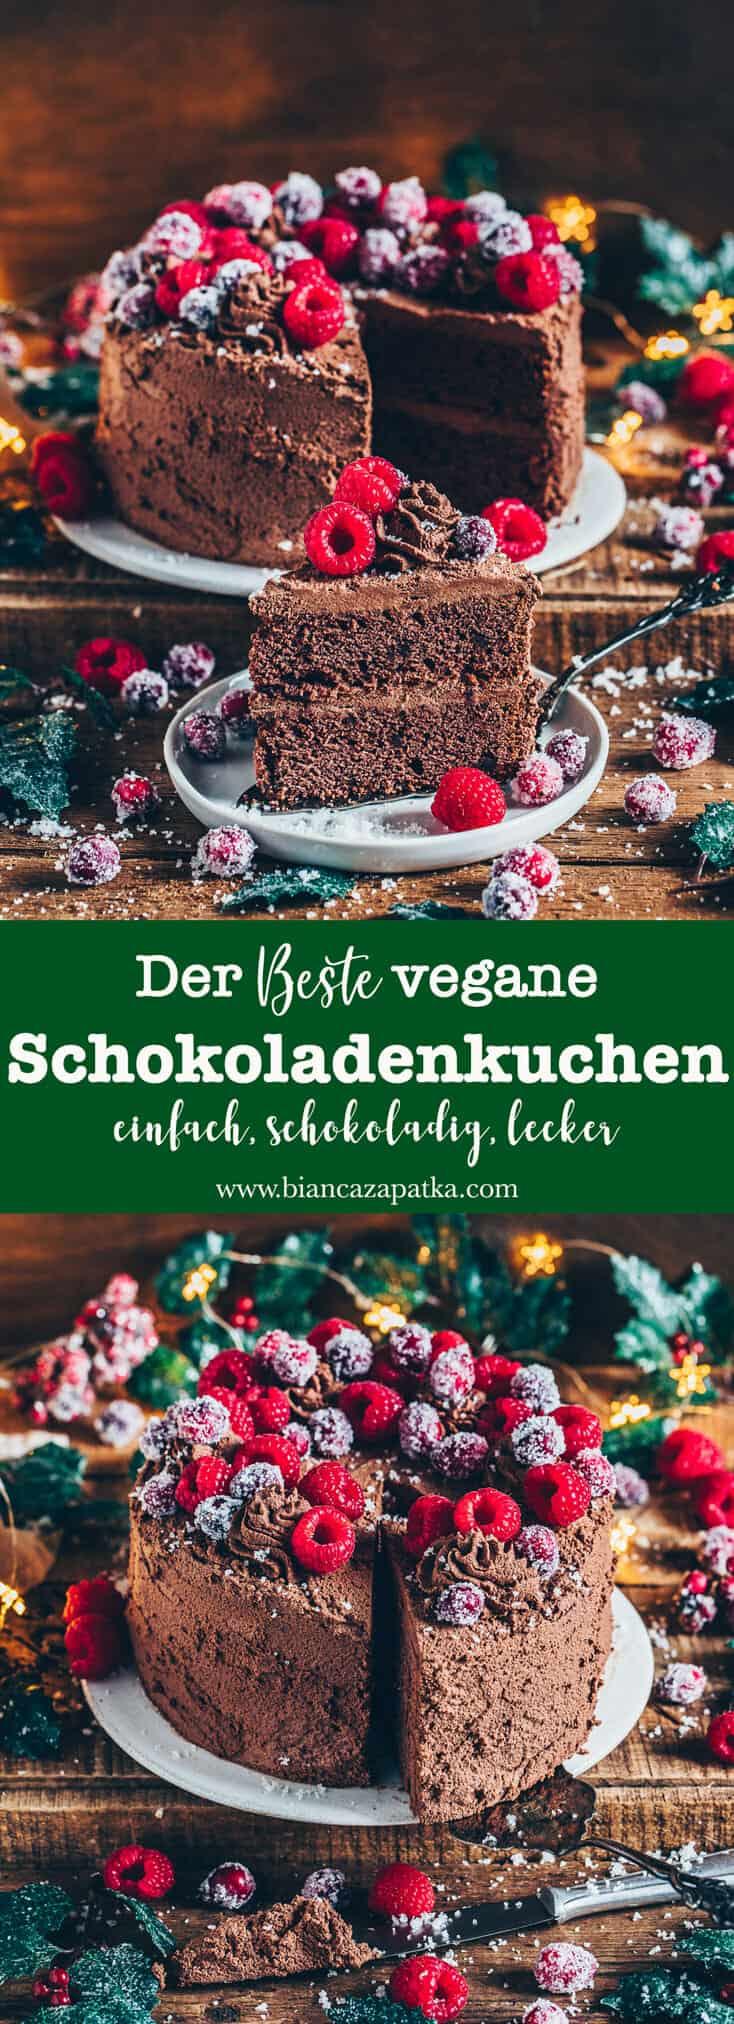 Veganer Schokoladenkuchen, das beste Rezept! Dieser Schoko-Kuchen ist mit wenigen Zutaten, schnell und einfach zubereitet. Er ist unglaublich lecker, super schokoladig und kann auch glutenfrei zubereitet werden. Das perfekte Dessert für jeden Anlass!